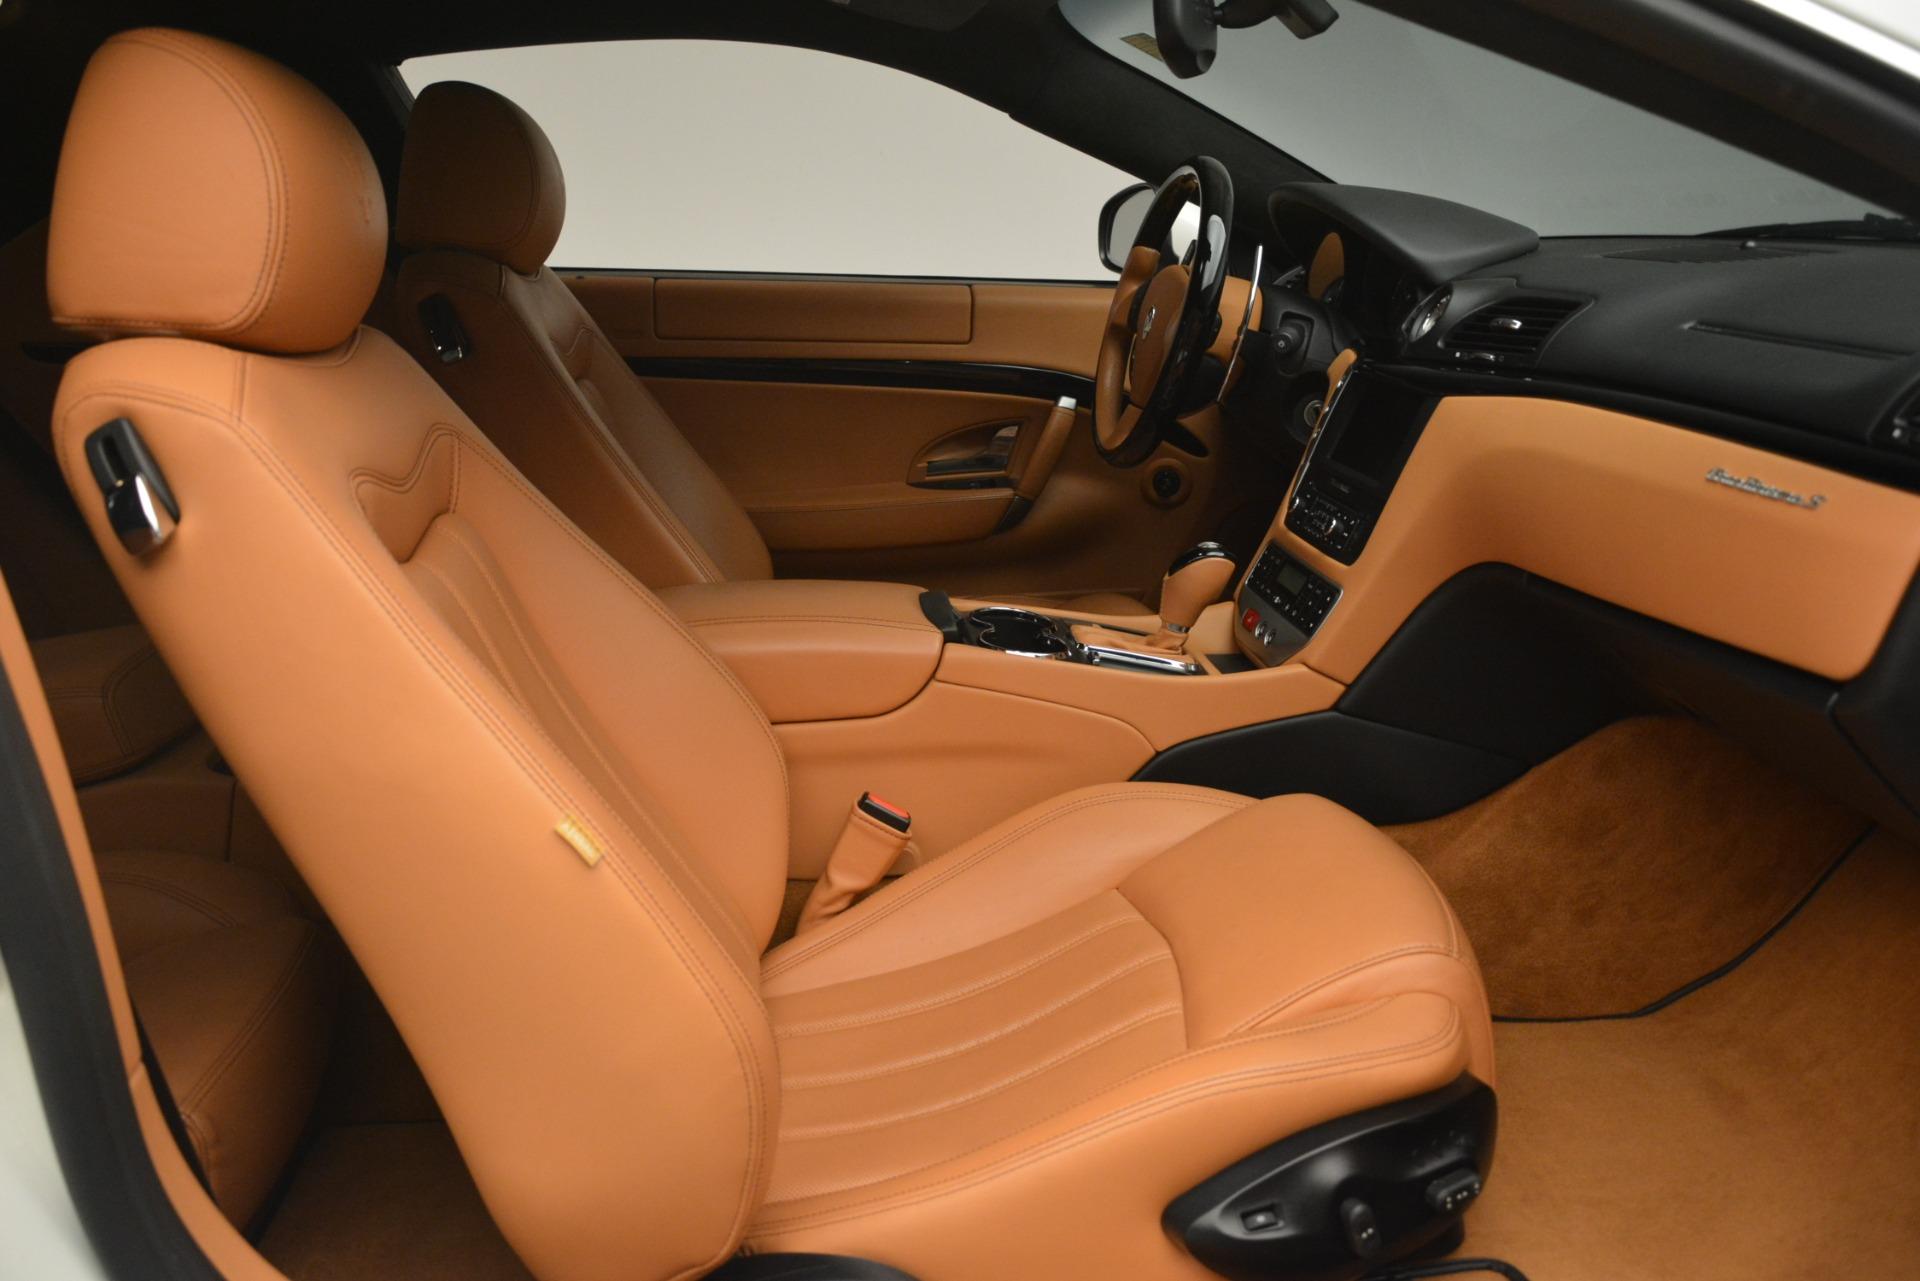 Used 2011 Maserati GranTurismo S Automatic For Sale In Greenwich, CT 3061_p17